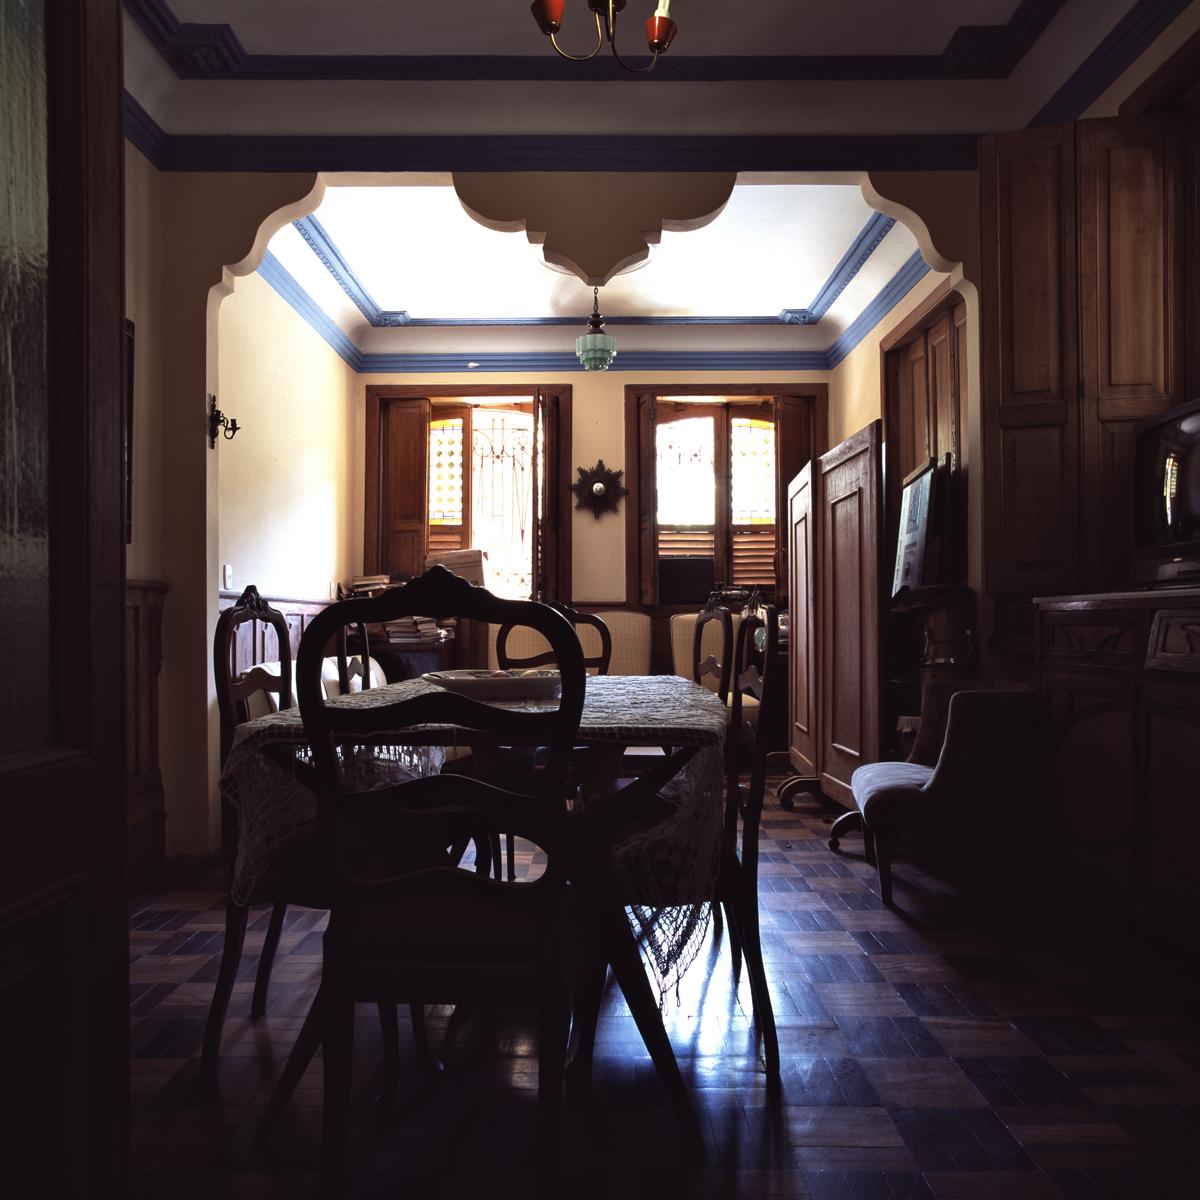 RJ_Apart69_Diningrm_12x12.jpg